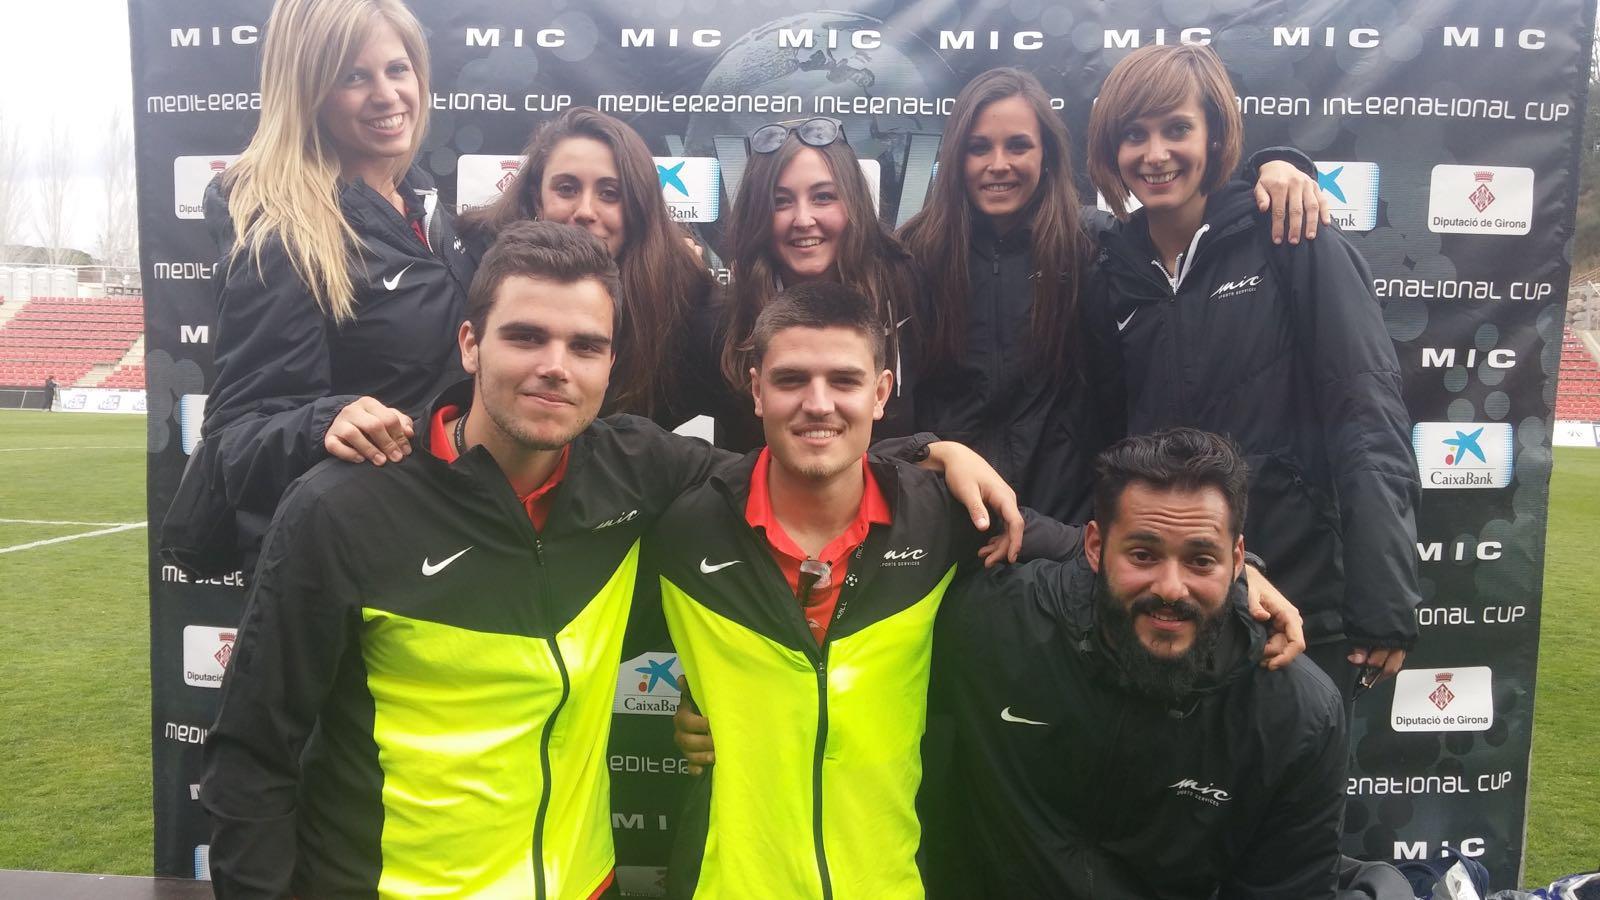 L'Escola Universitària de la Salut i l'Esport col·labora un any més en el torneig MIC (Mediterranean International Cup)